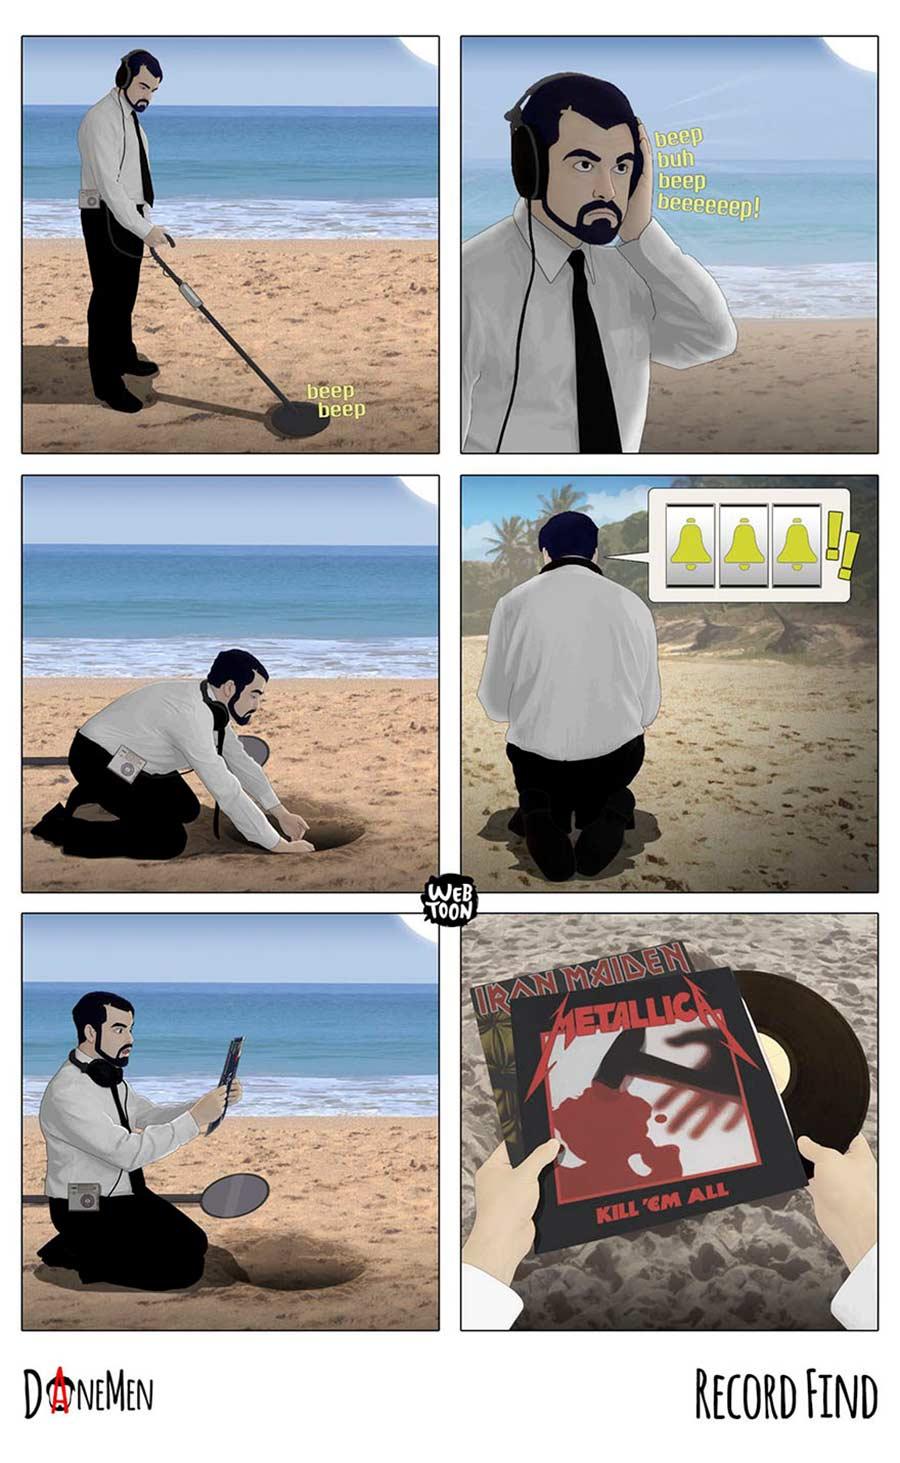 Sarkastische Webcomics von David Daneman The-Daneman_10